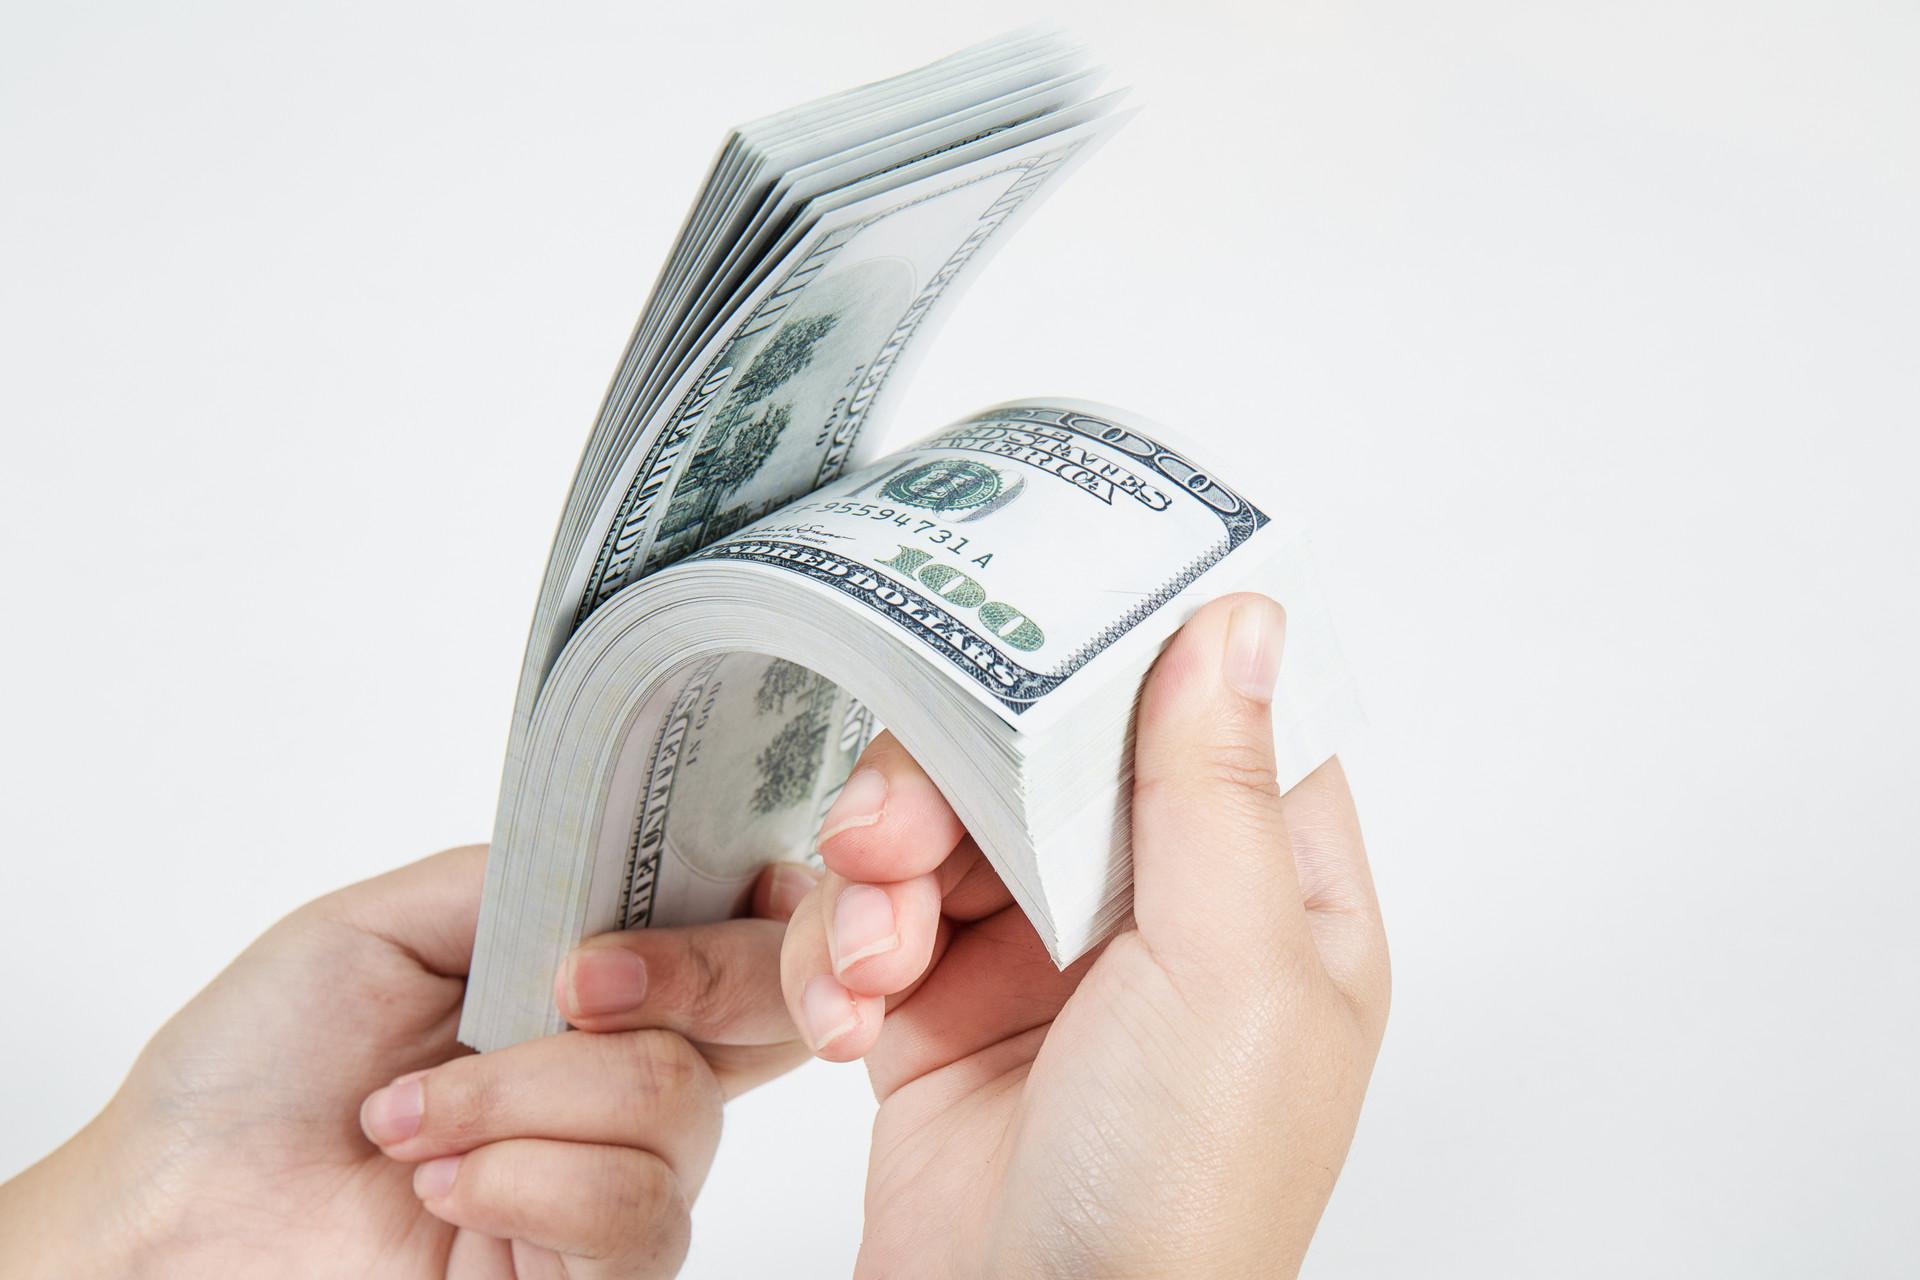 为什么要找公司代发薪资?有效规避企业自发薪资的风险